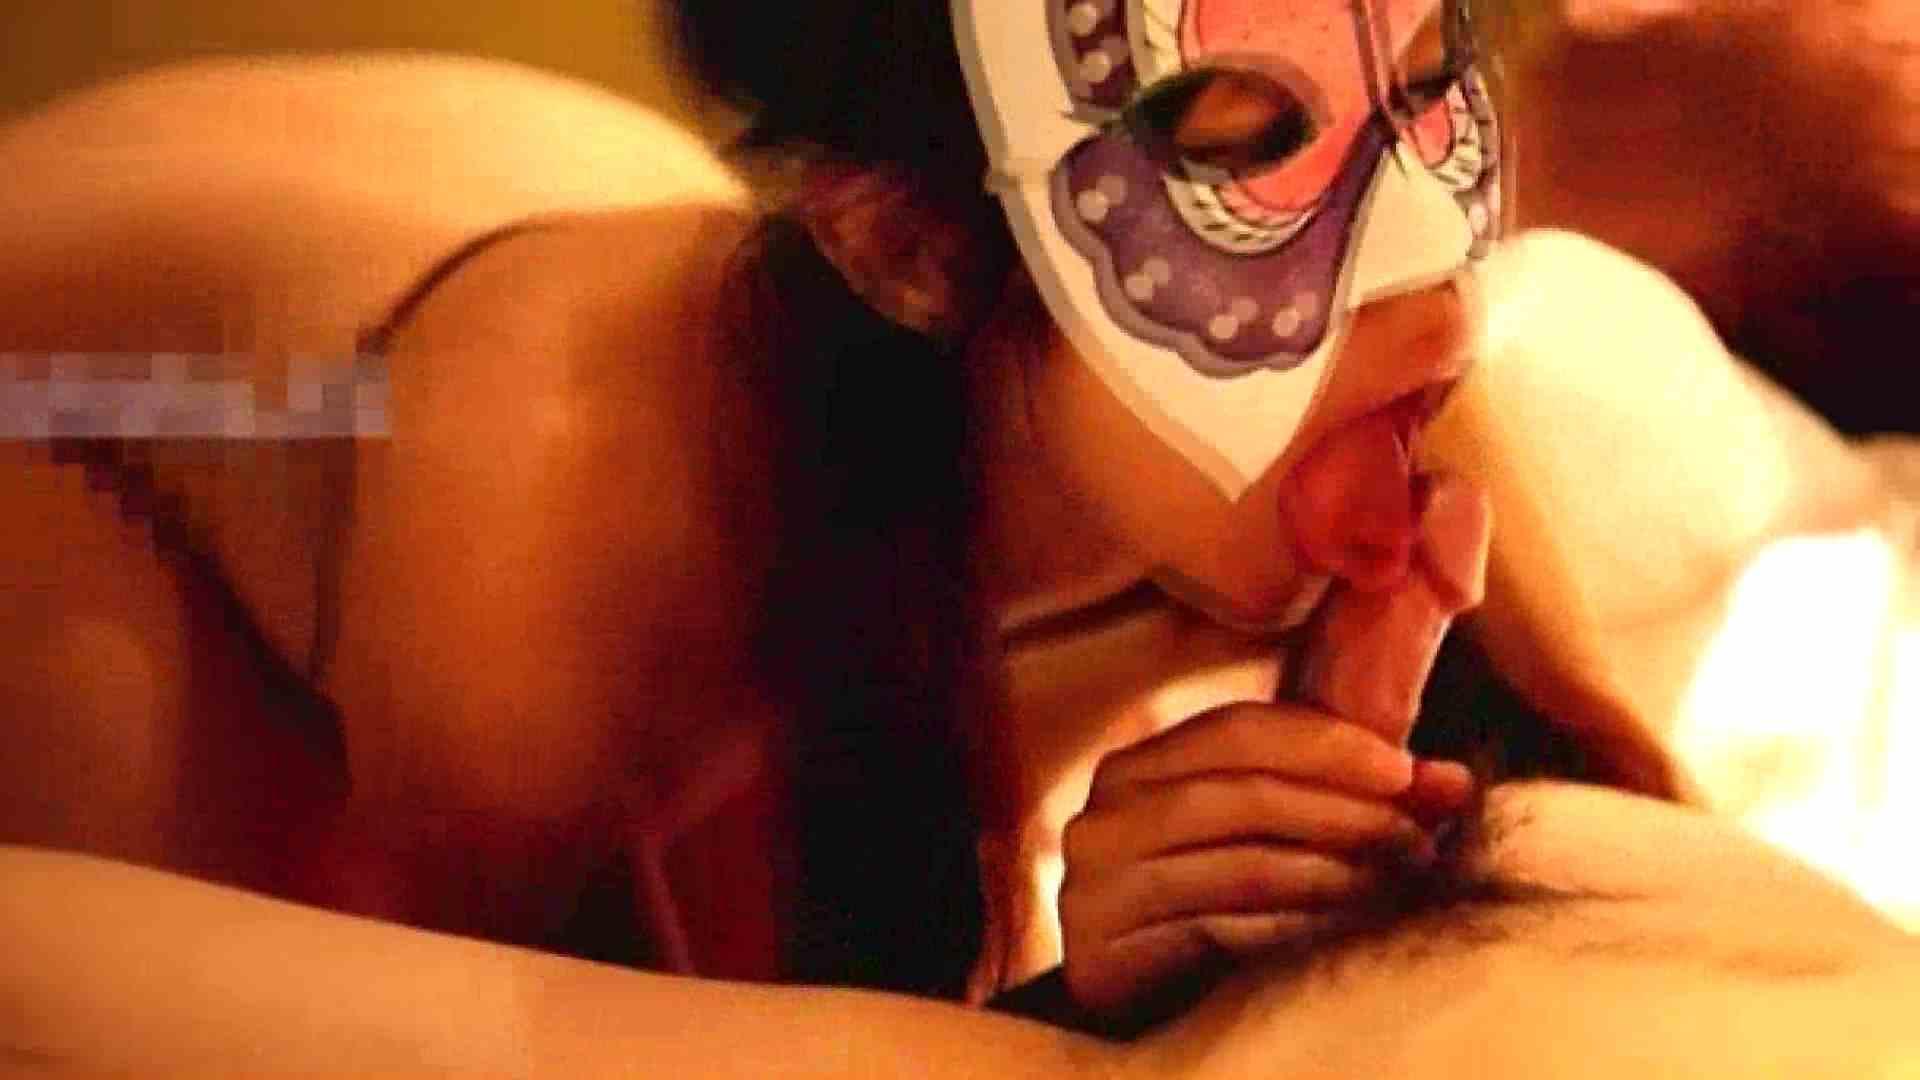 アッと驚くハメ五郎 Vol.28 OLの裸事情 | 流出作品  70枚 39